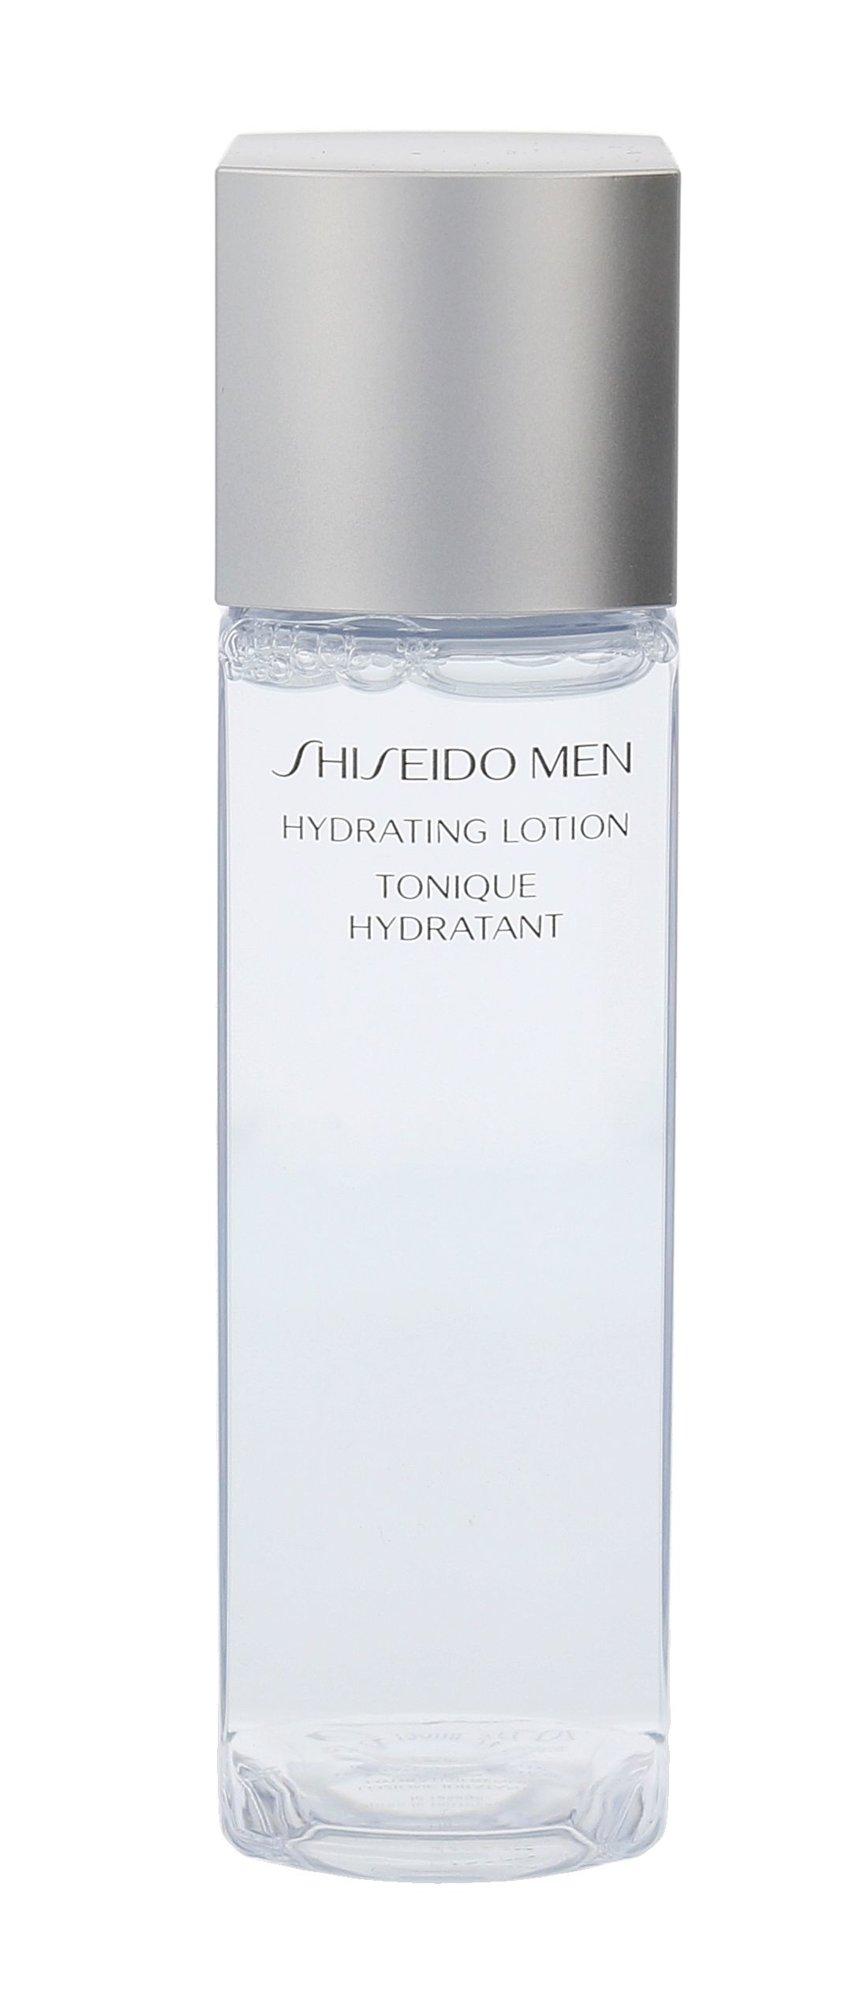 Shiseido MEN Facial Lotion and Spray 150ml